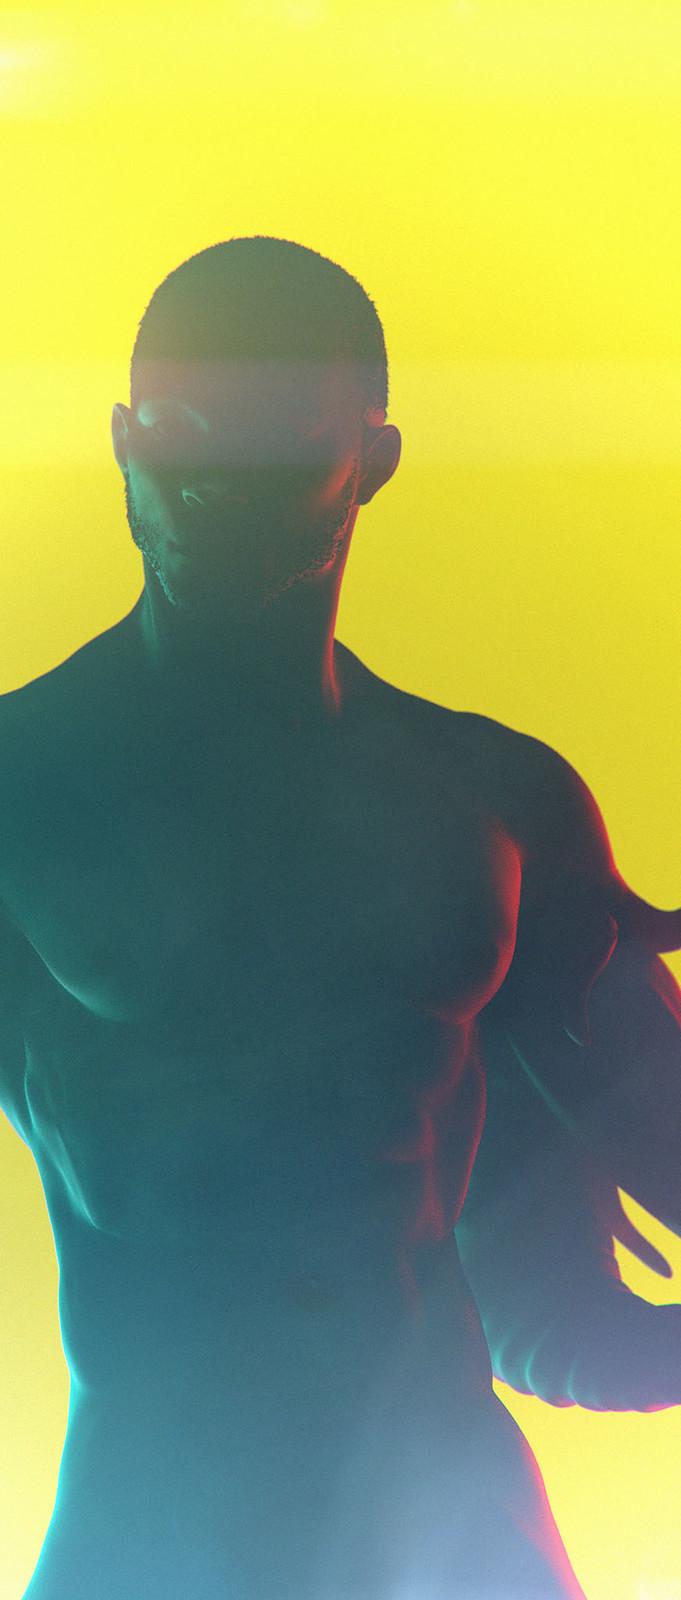 Neon 3 - Guy